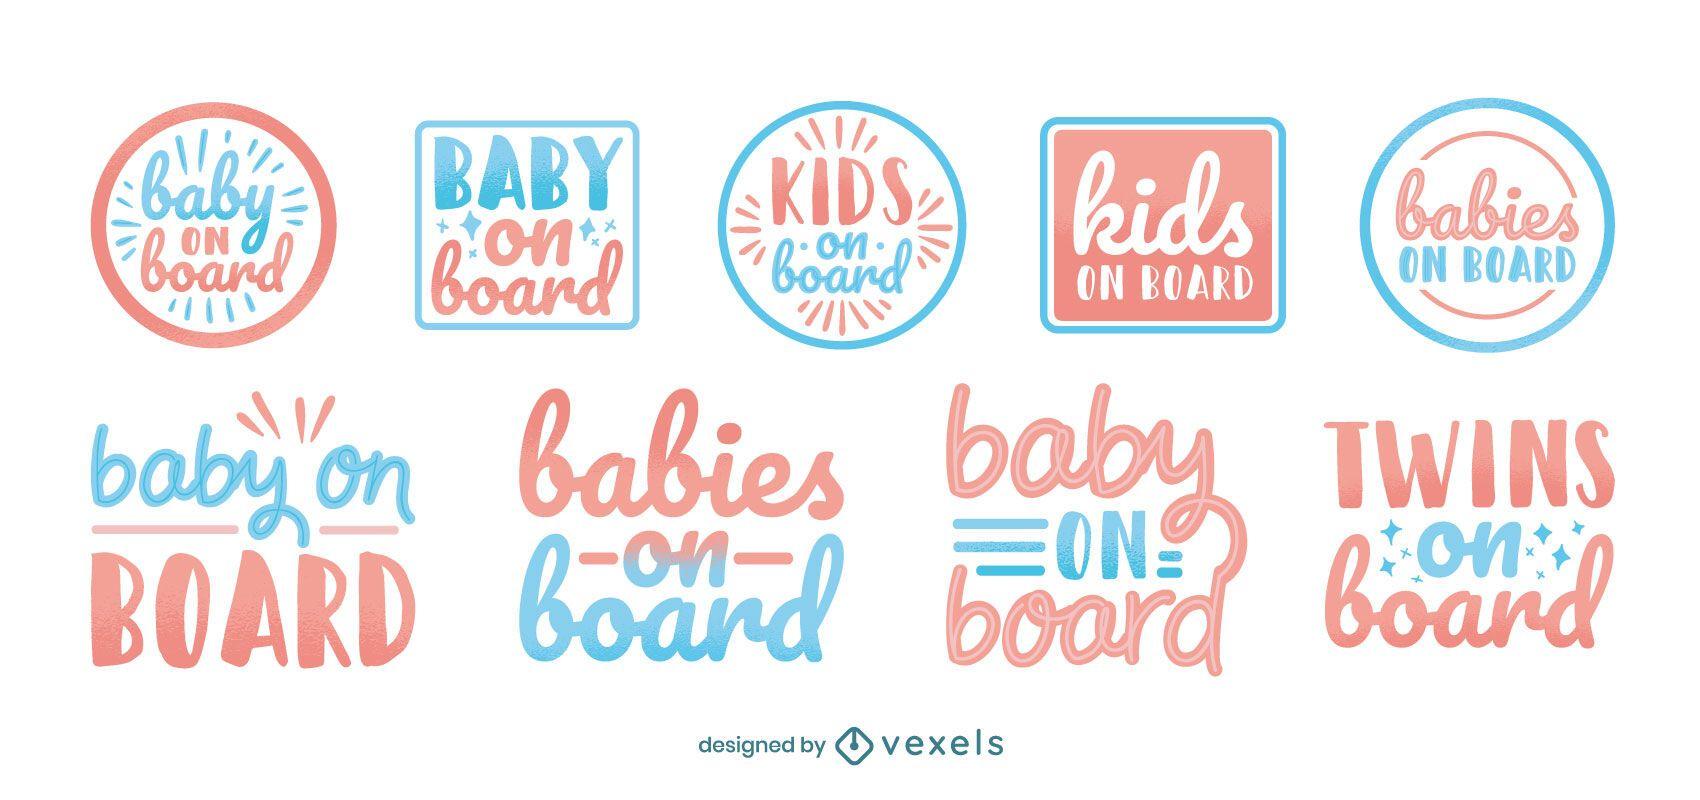 Babies on board badge set